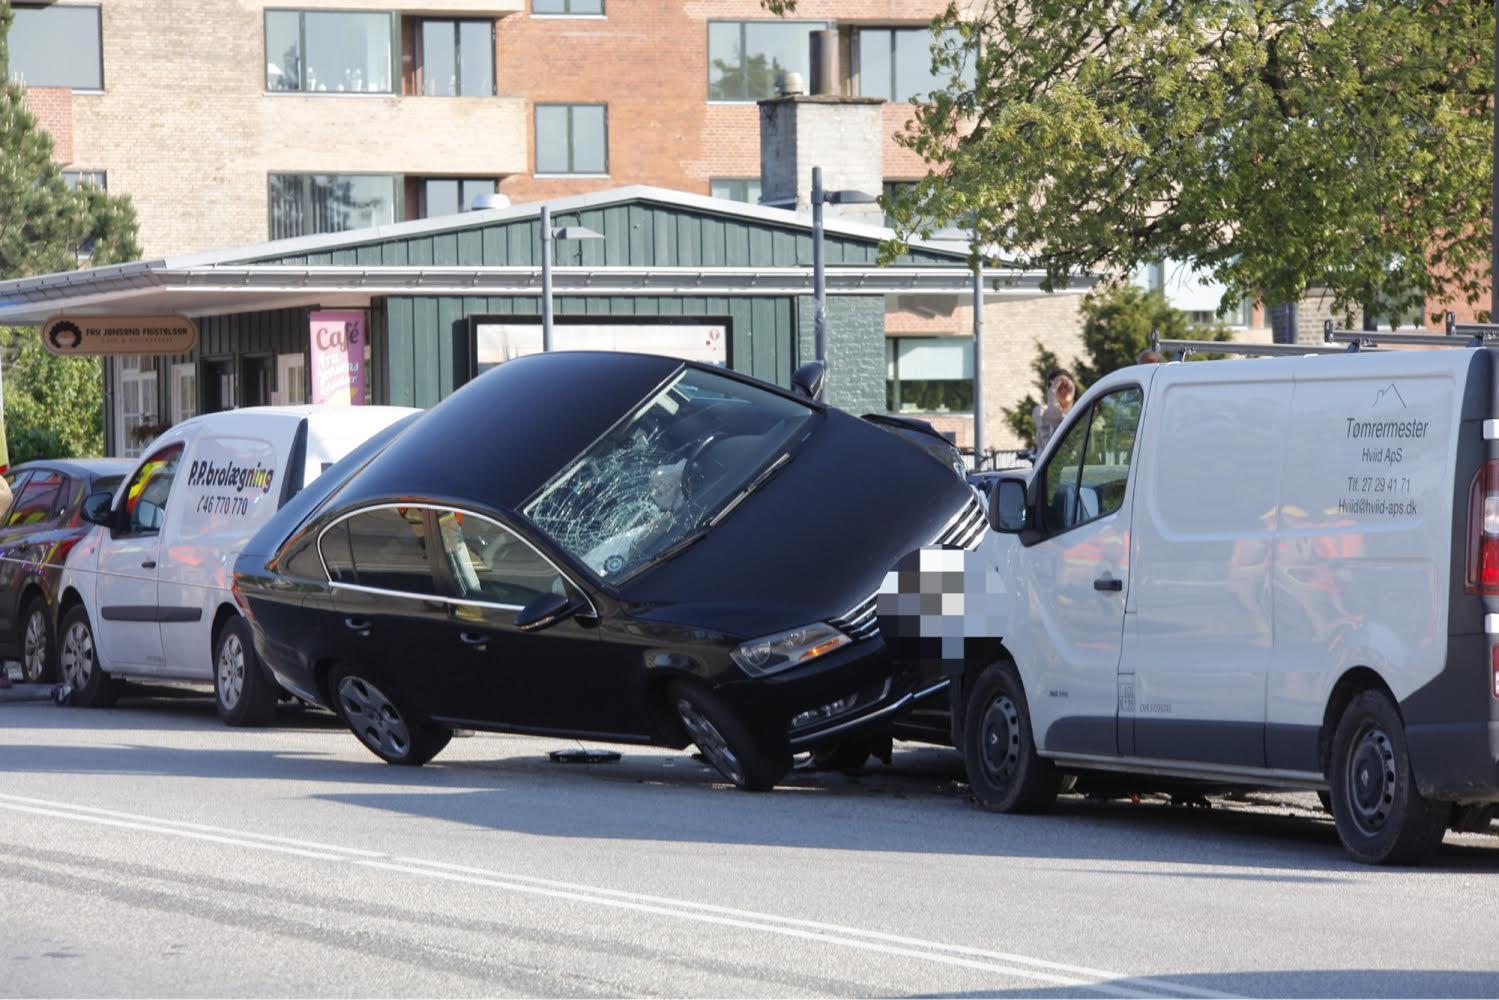 Vanvittigt uheld ved Grøndal station i København